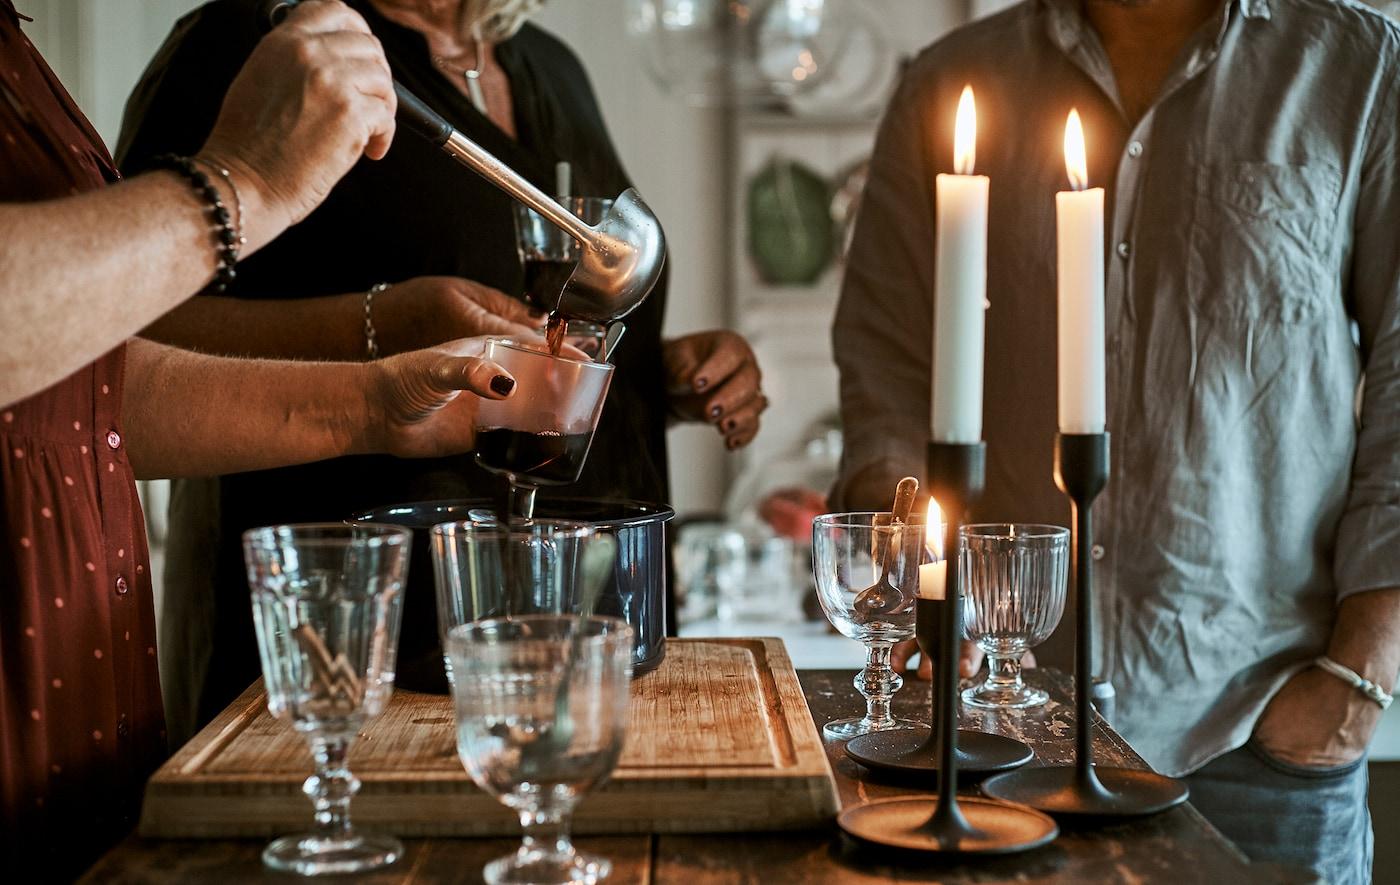 Persone attorno a un'isola per cucina con bicchieri e candele accese accanto a una pentola di punch caldo - IKEA